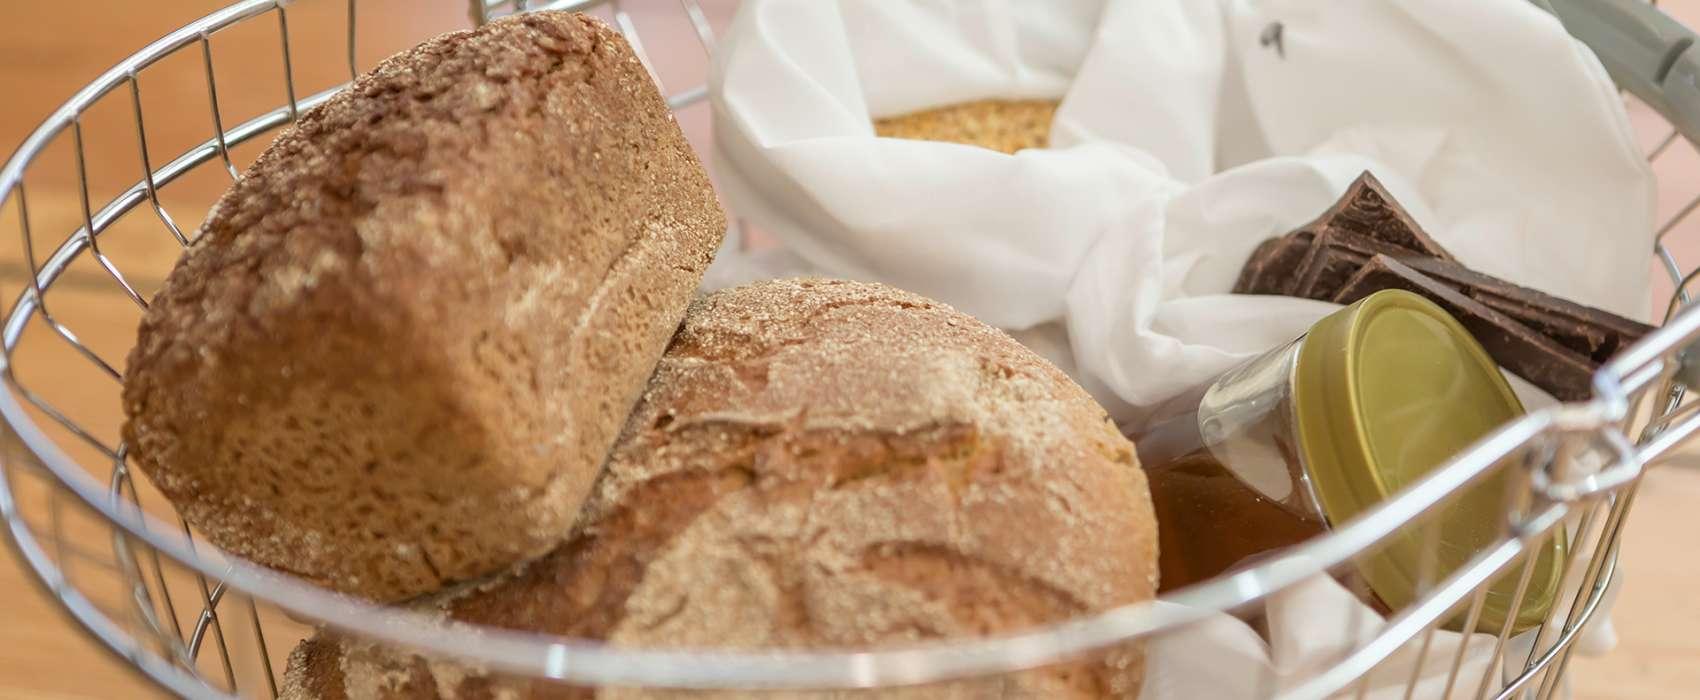 Einkaufskorb und Abfüllbehälter für Getreide und getrocknete Nahrungsmittel im verpackungsfreien Laden für Nachhaltigkeit